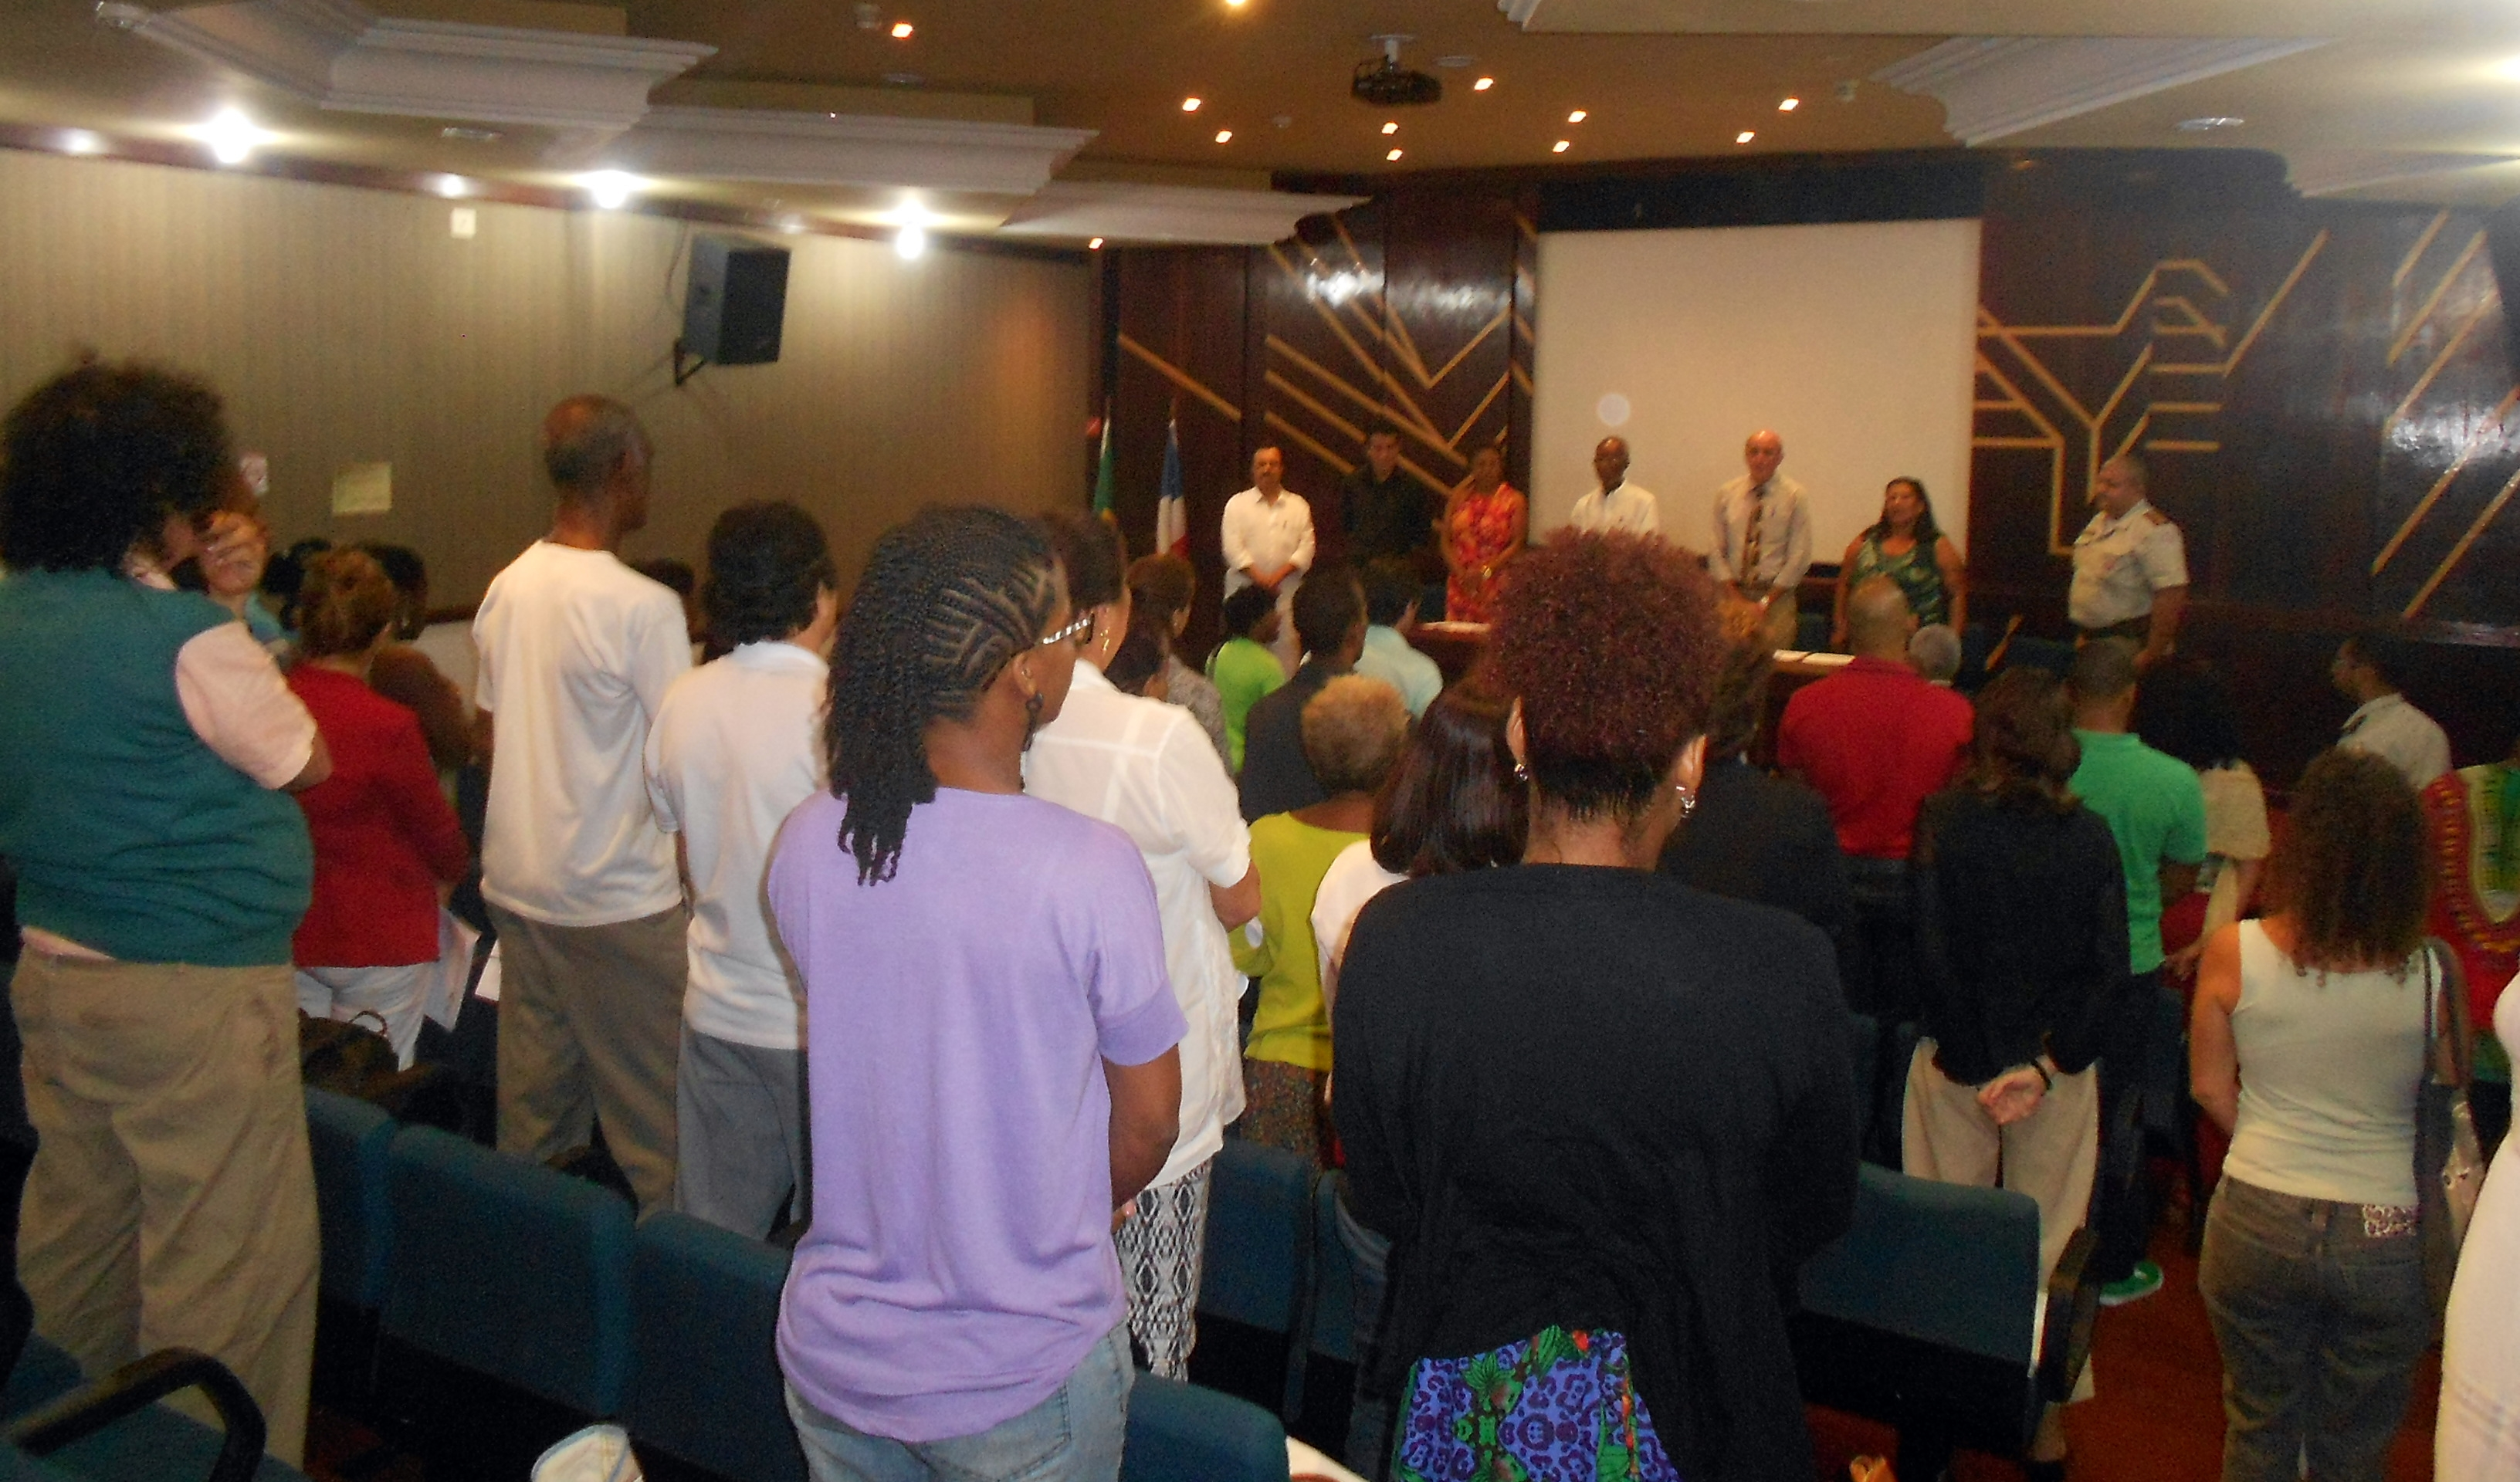 Reunião teve expressiva participação de instituições comprometidas com a preservação do Pelourinho - Foto: Joseanne Guedes/ABI